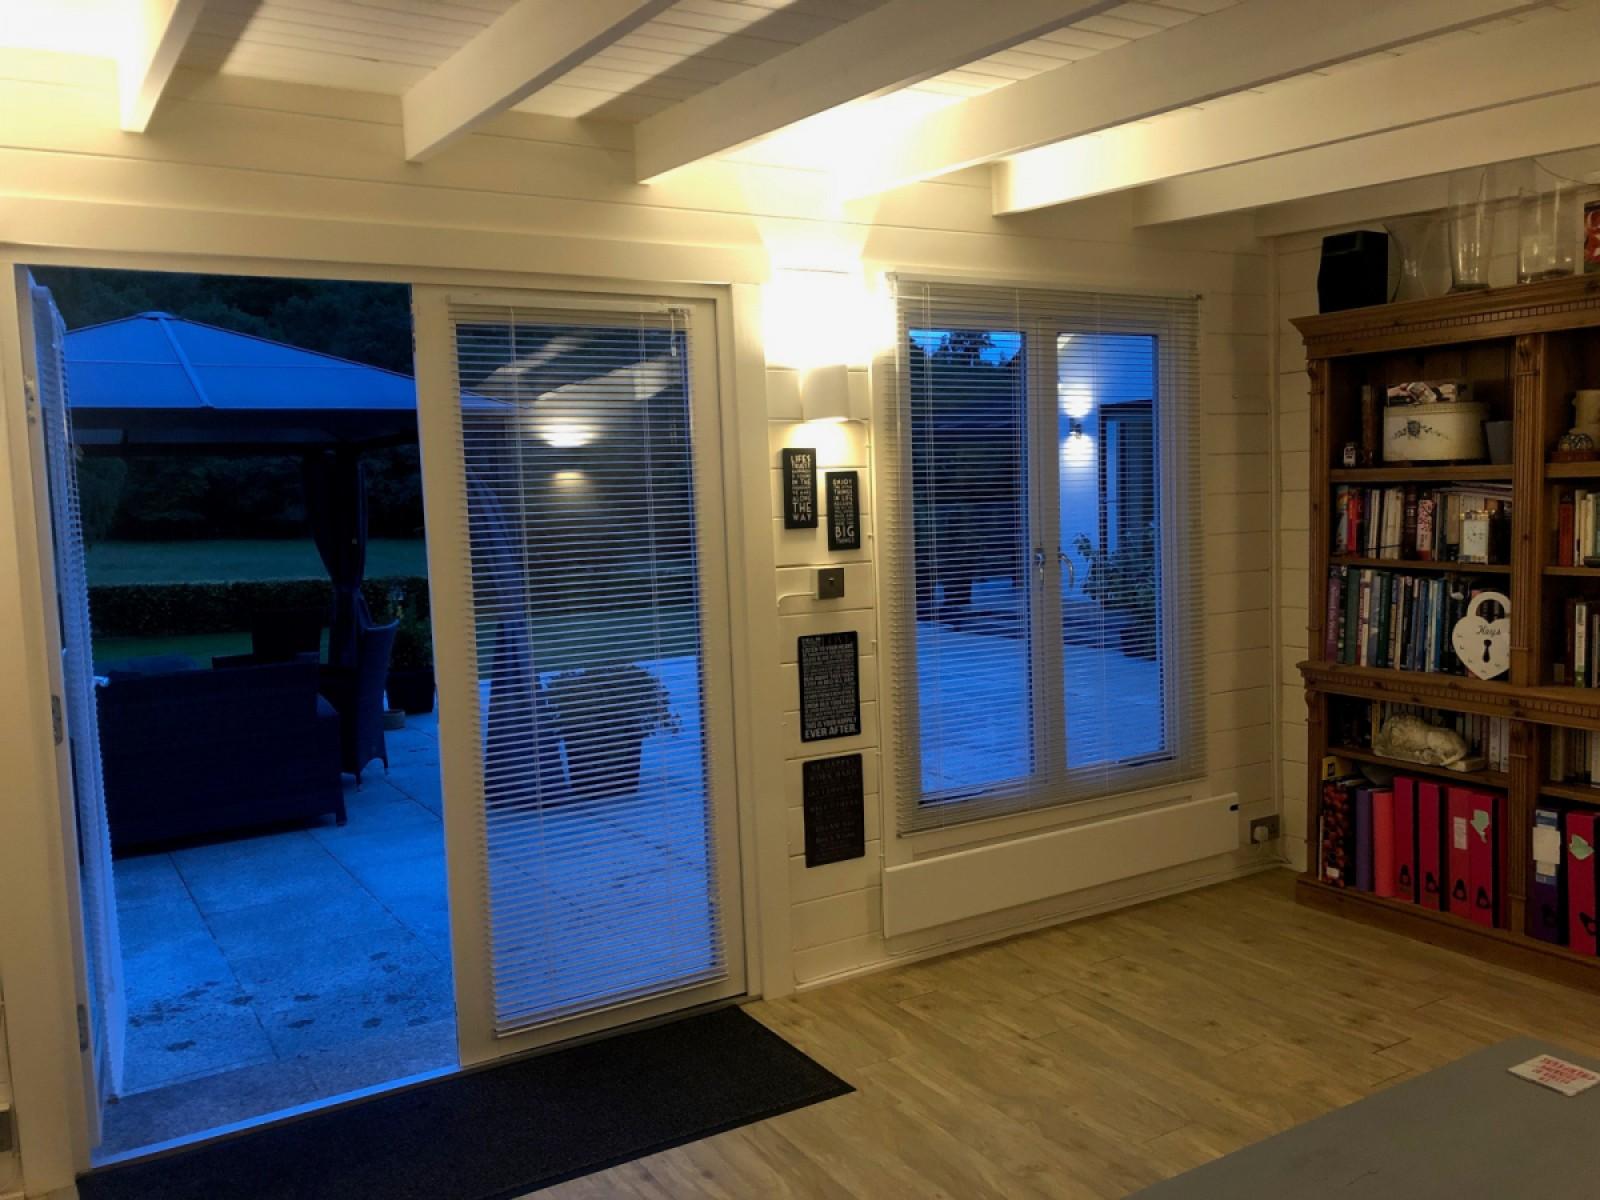 1624632513_Lillevilla 353 Internal 4.jpg